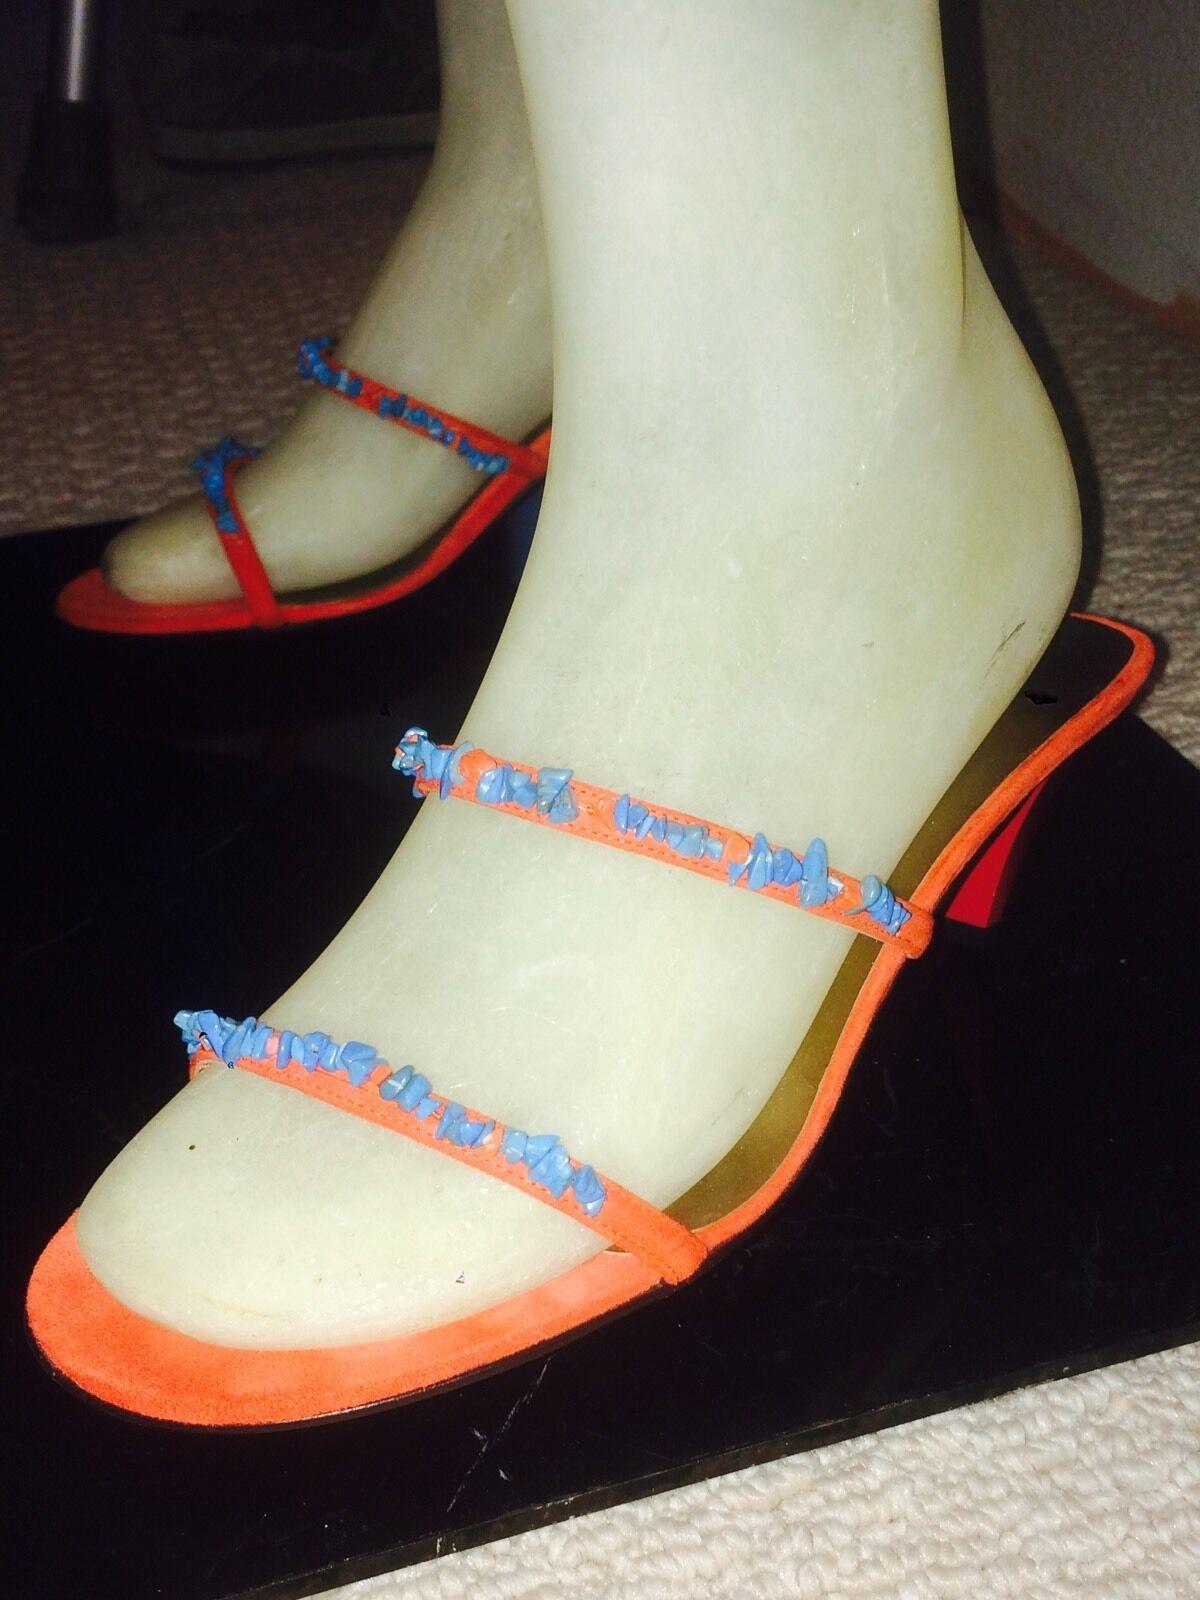 consegna lampo Emanuel Ungaro Beaded rosso Suede Designer Sandals Sandals Sandals 2.5  rosa Heels Turquoise Beads  negozio d'offerta